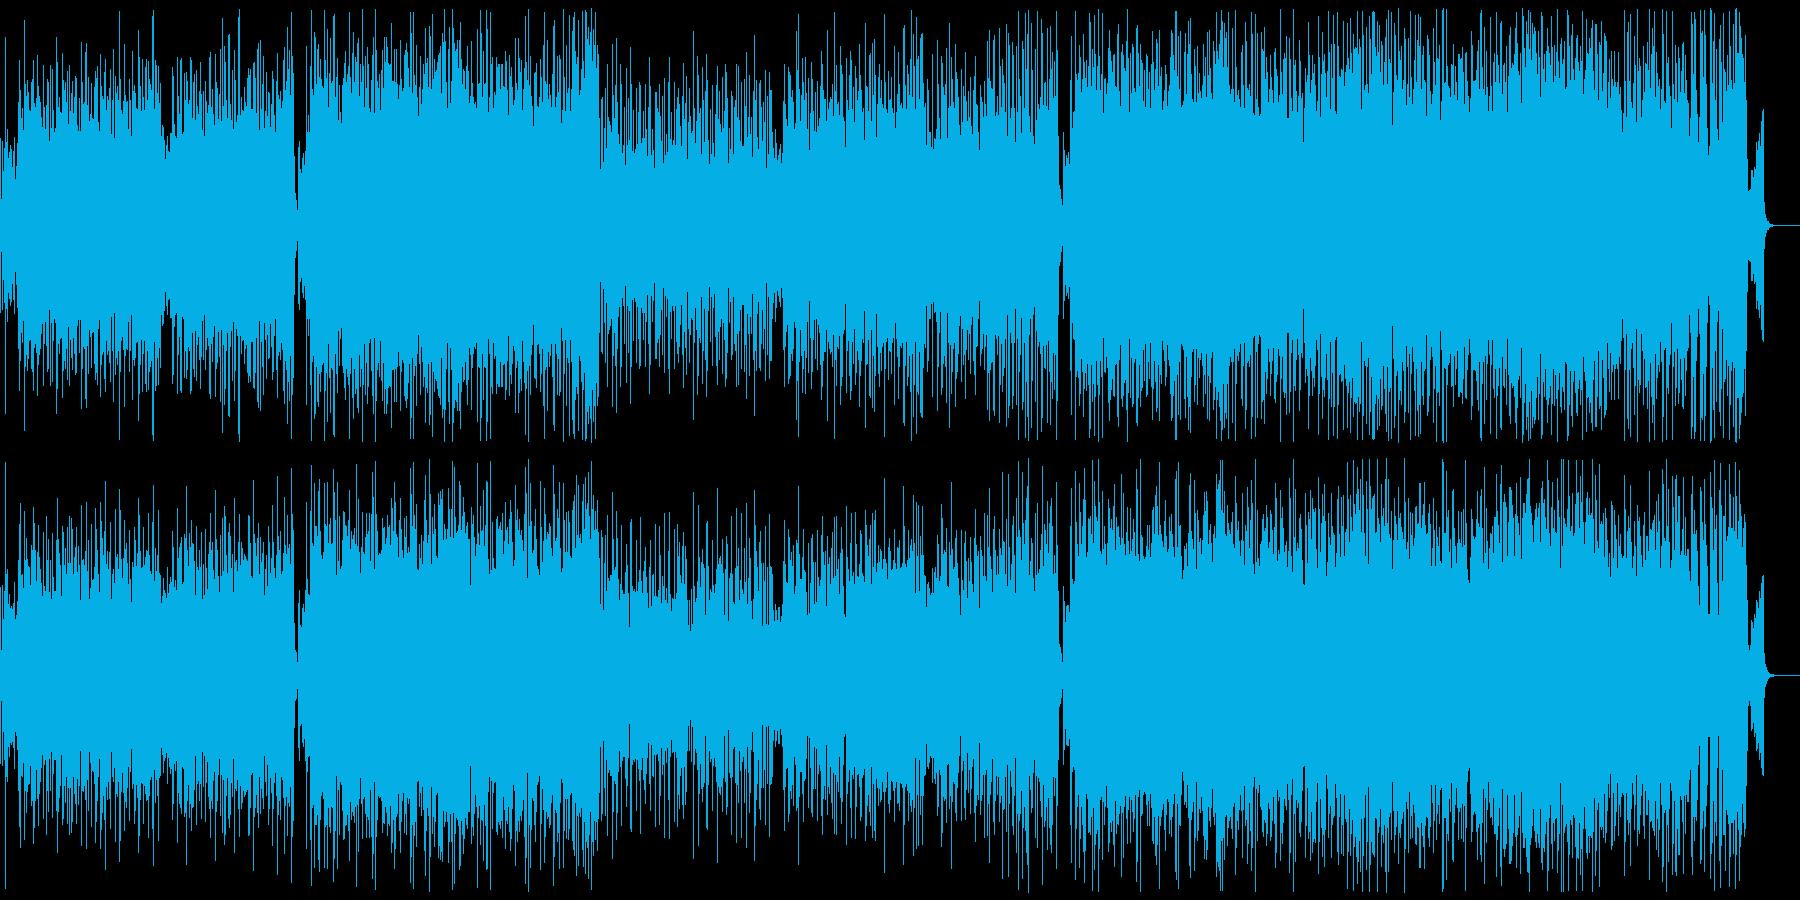 情熱大陸のようなバイオリン情熱的BGMの再生済みの波形